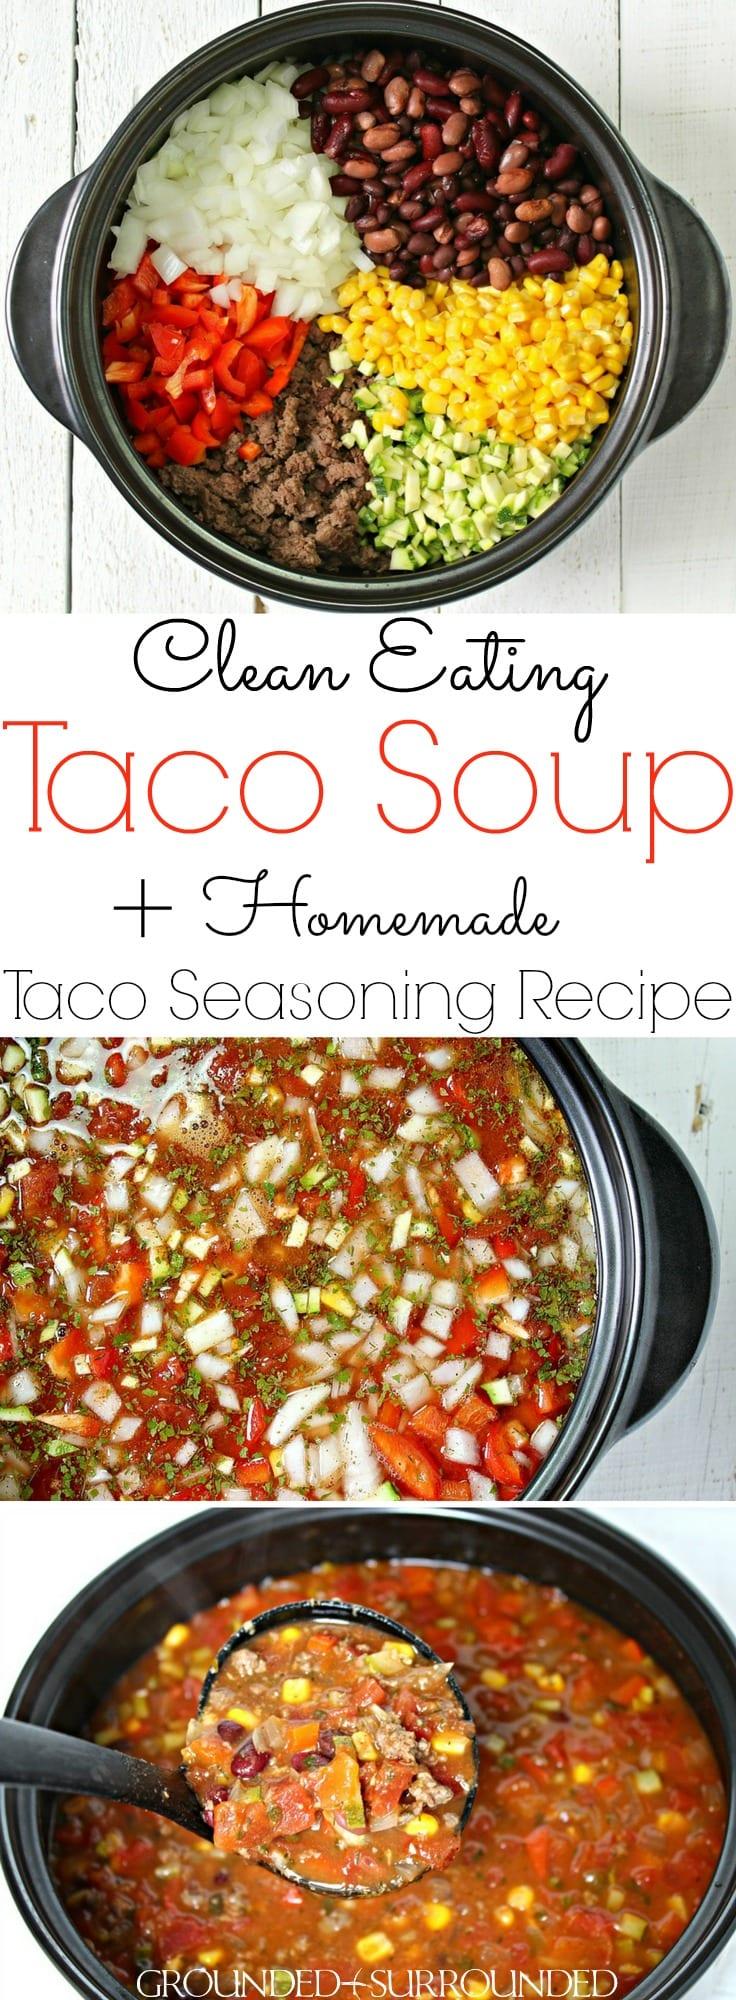 Taco Soup Homemade Taco Seasoning Recipe Grounded